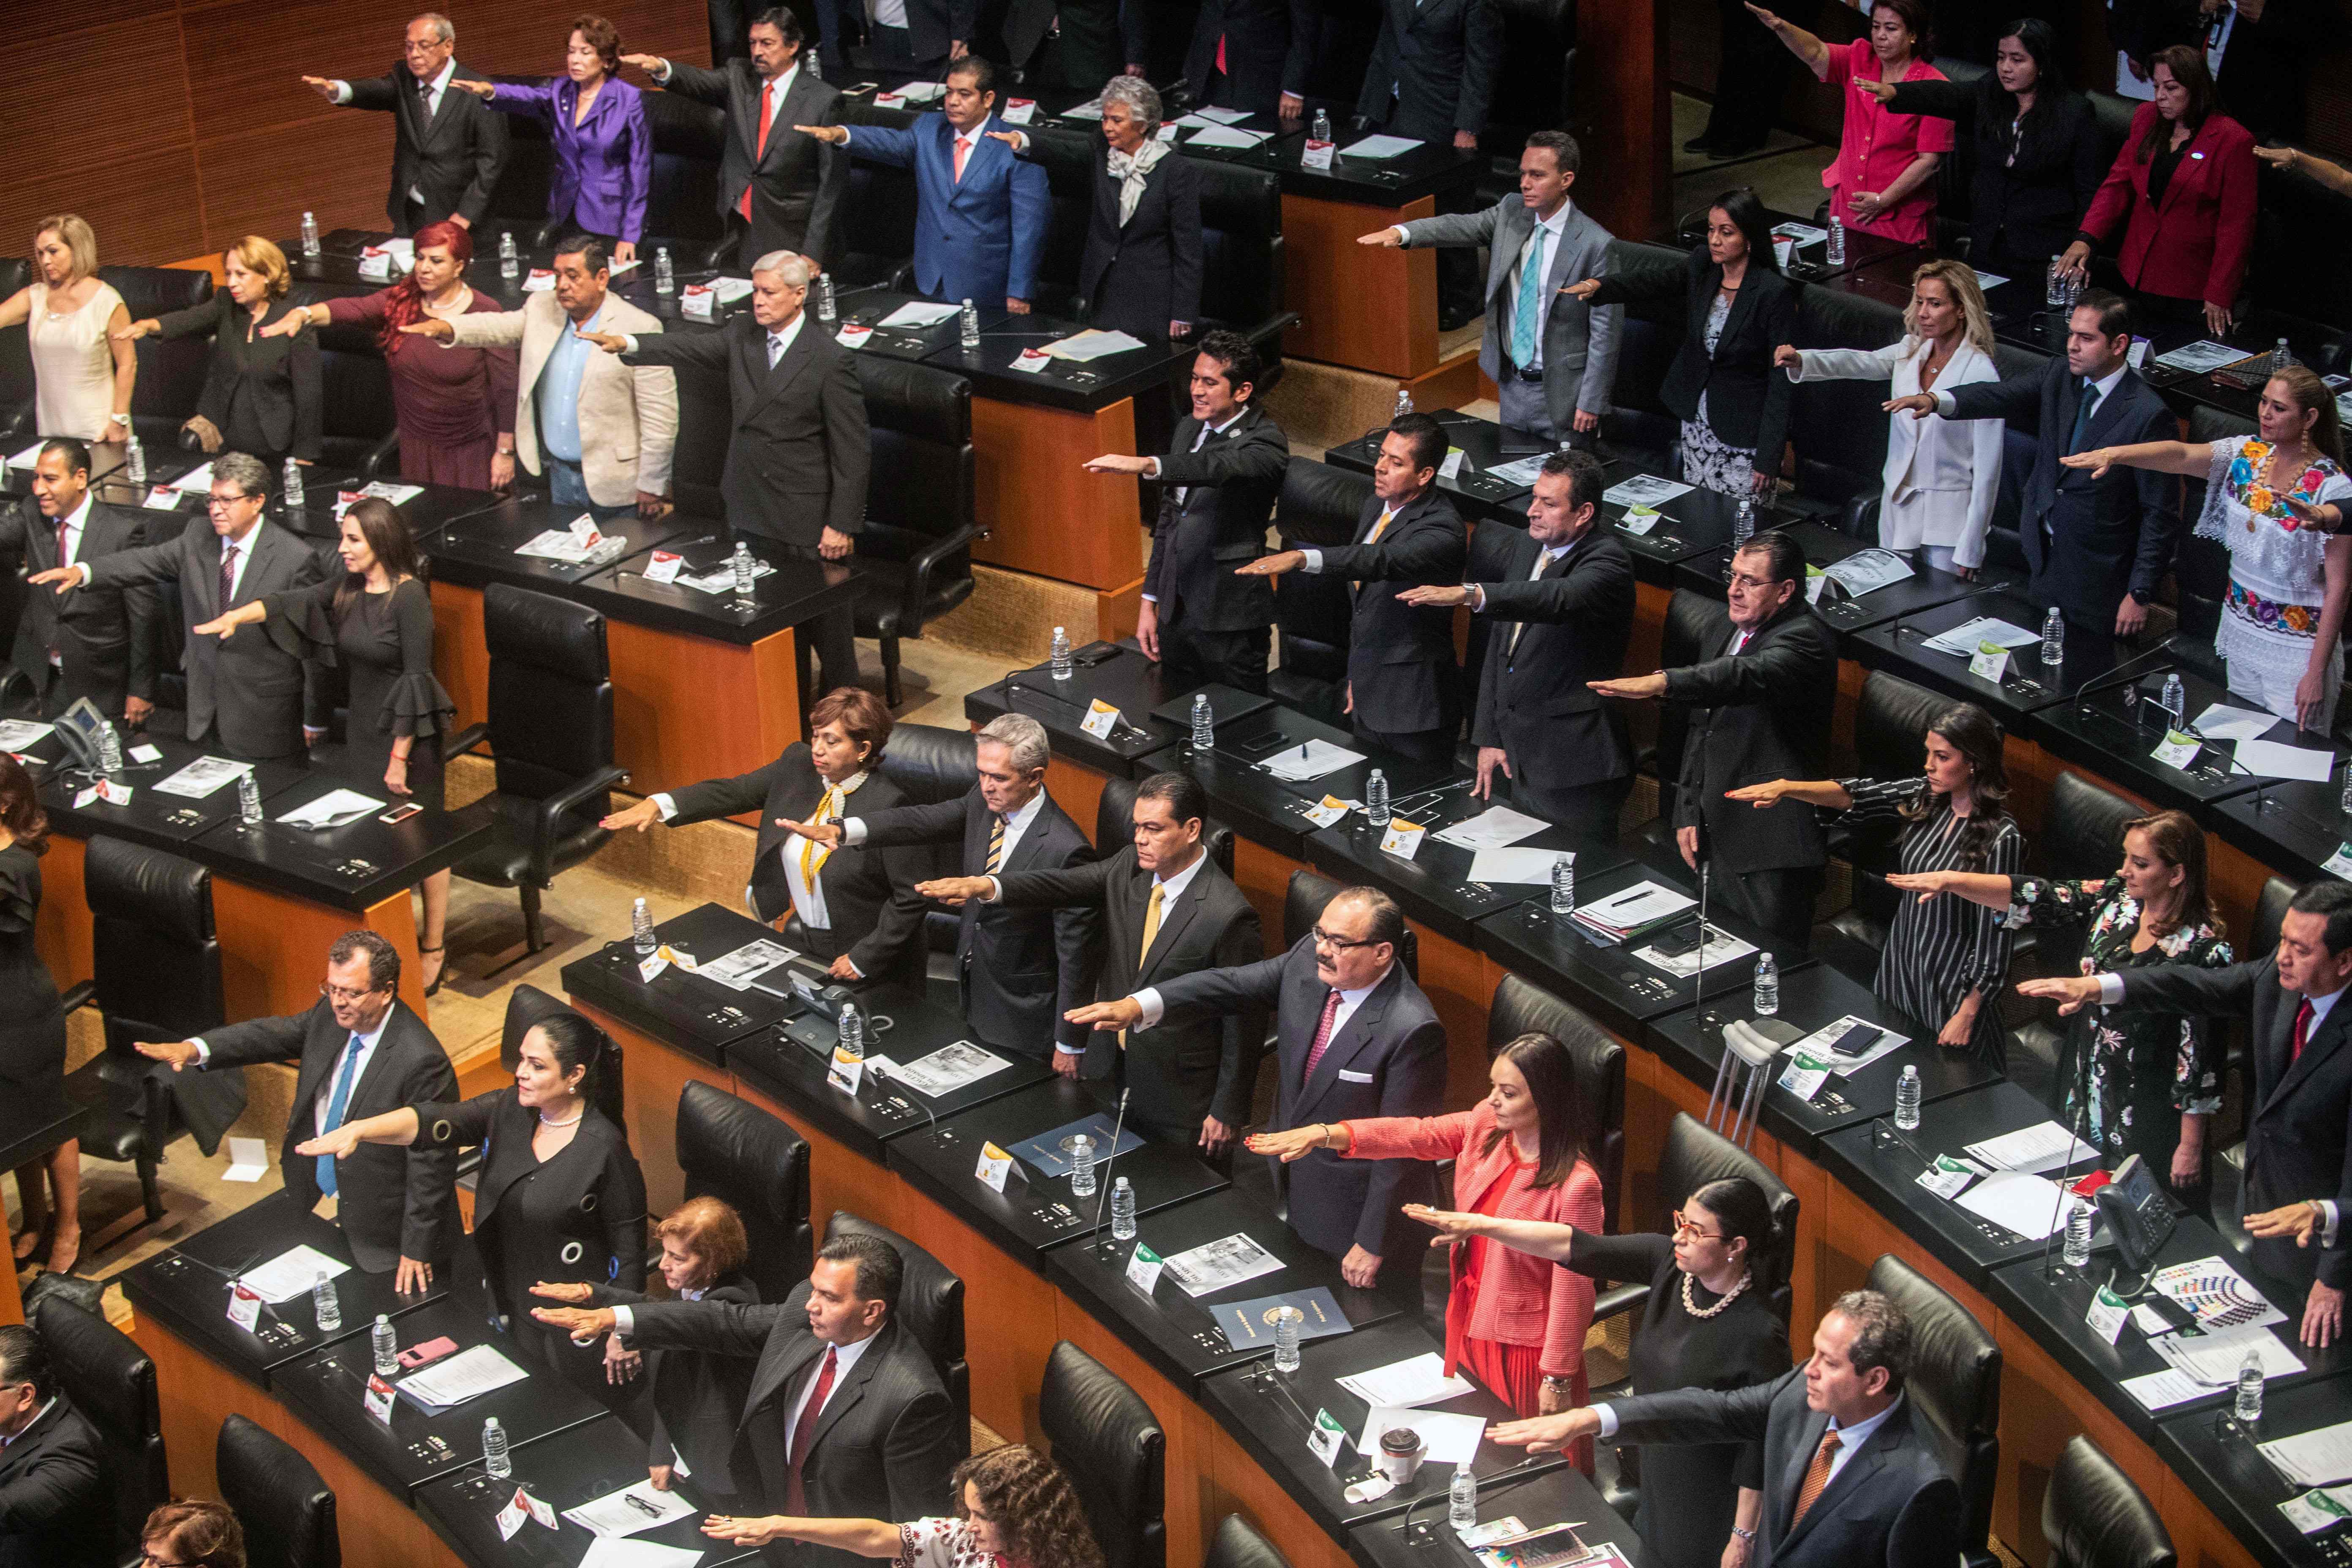 أعضاء البرلمان المكسيكى يحلفون اليمين الدستورية